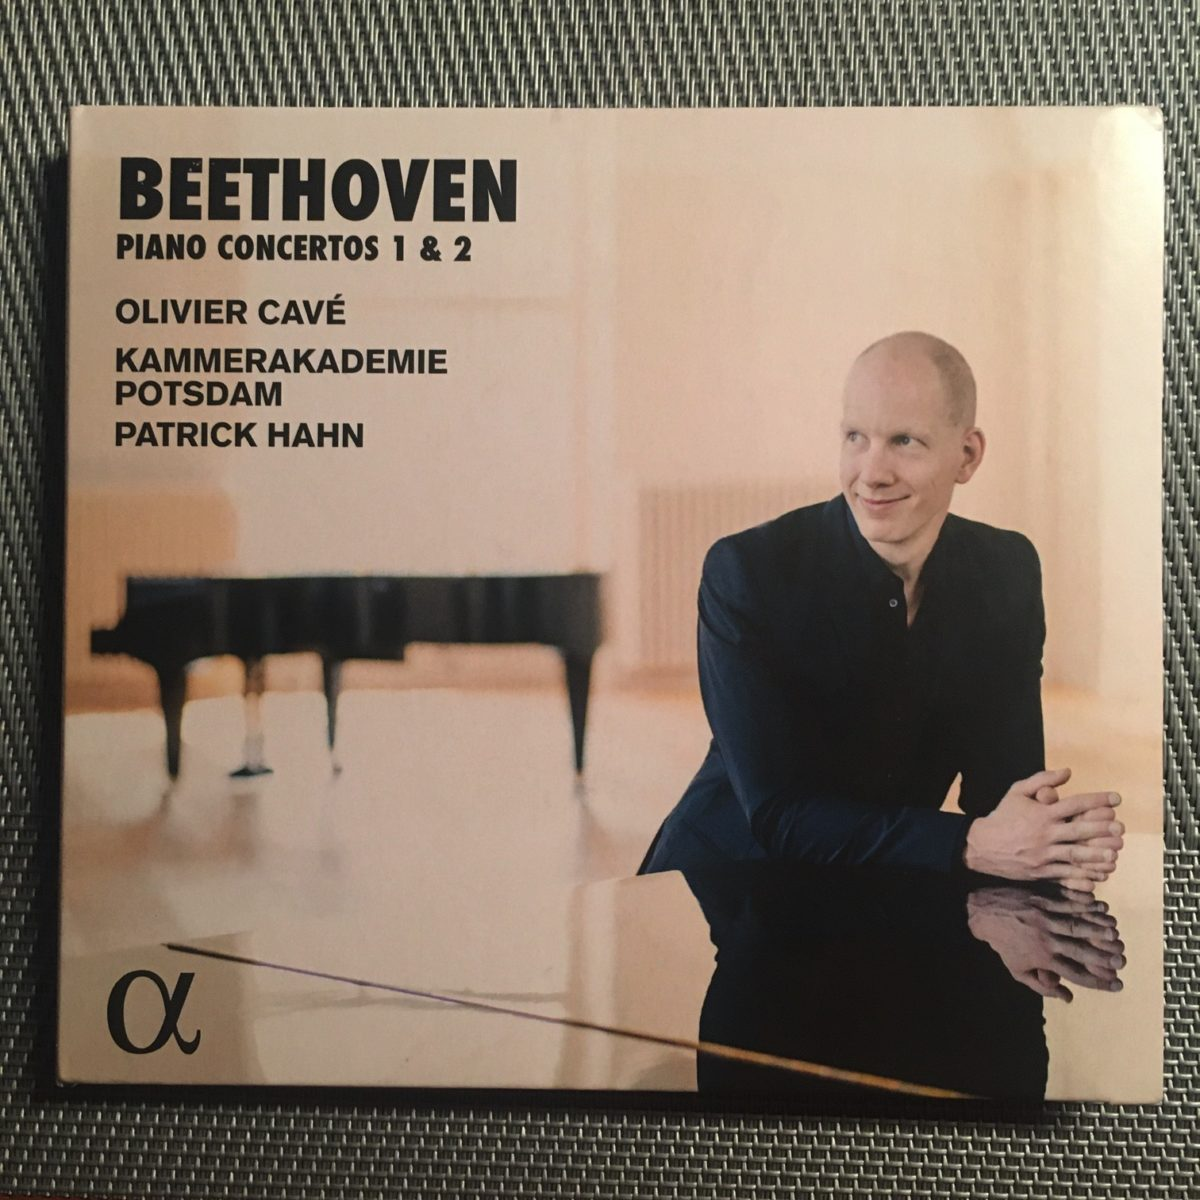 CD-Besprechung / Interview, Ludwig van Beethoven,Piano Concertos 1&2, Kammerakademie Potsdam, Patrick Hahn  klassik-begeistert.de, 12. Dezember 2020